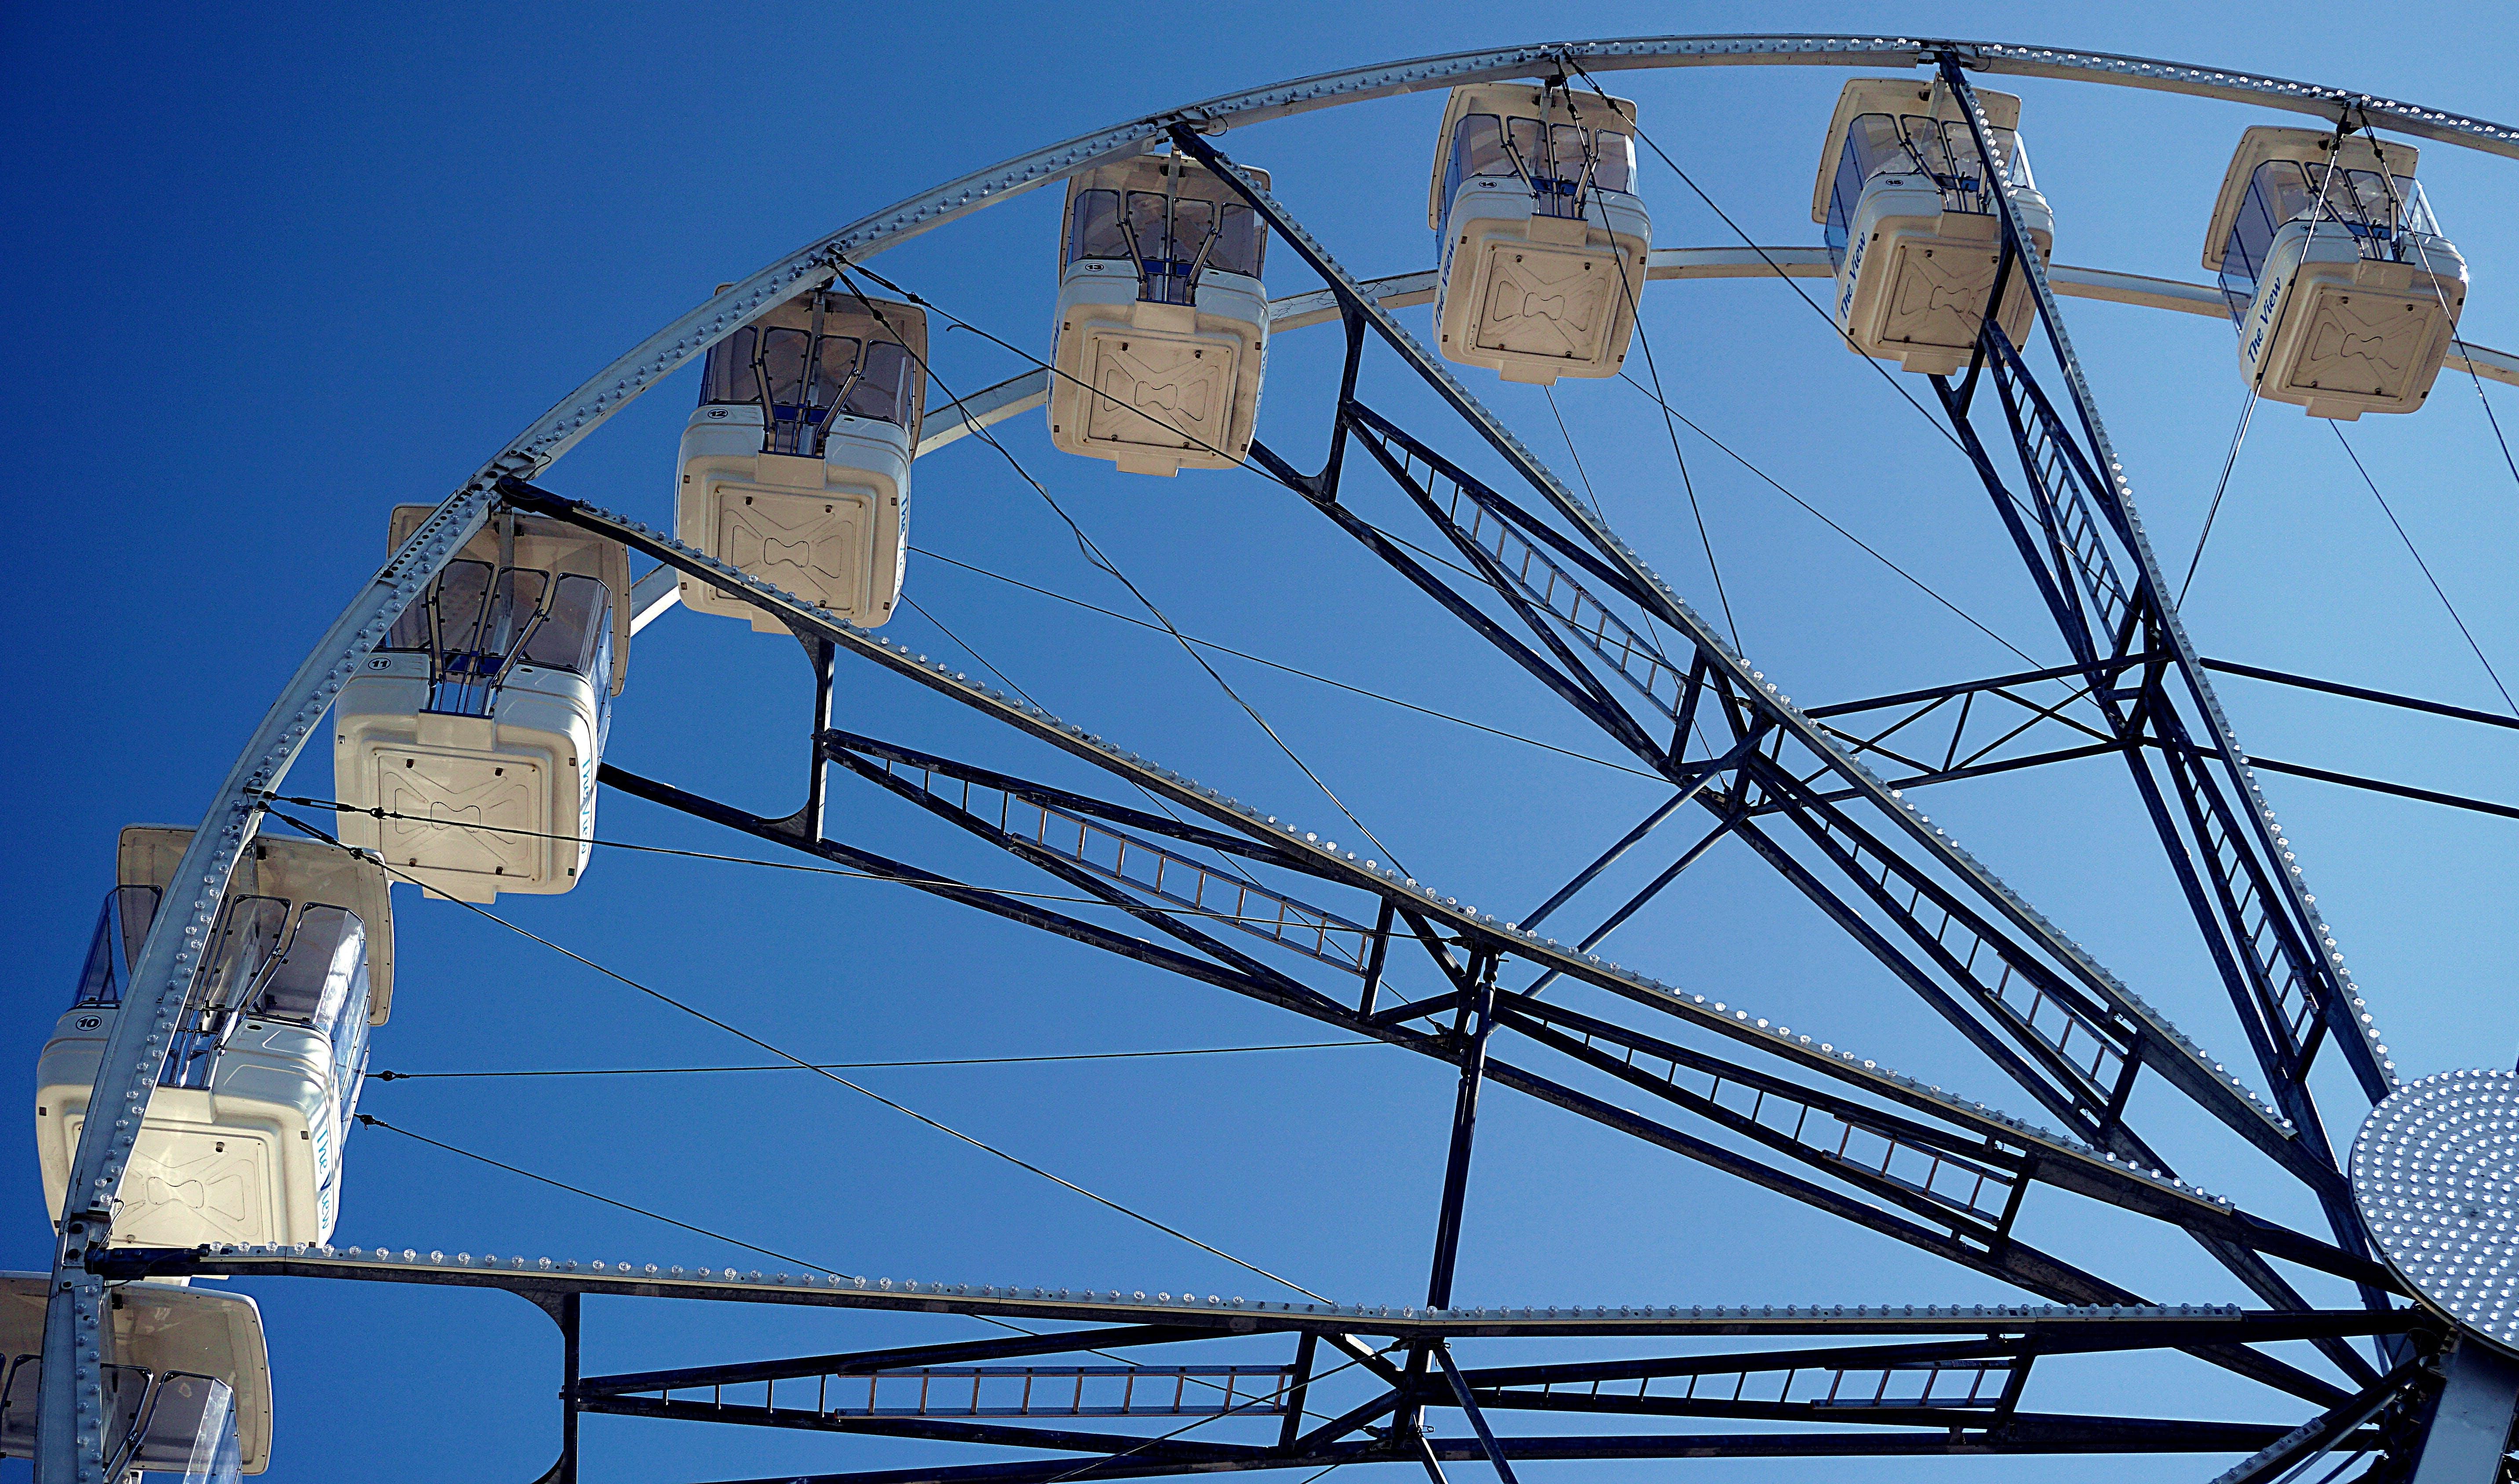 Free stock photo of big wheel, blue sky, entertainment, fairground